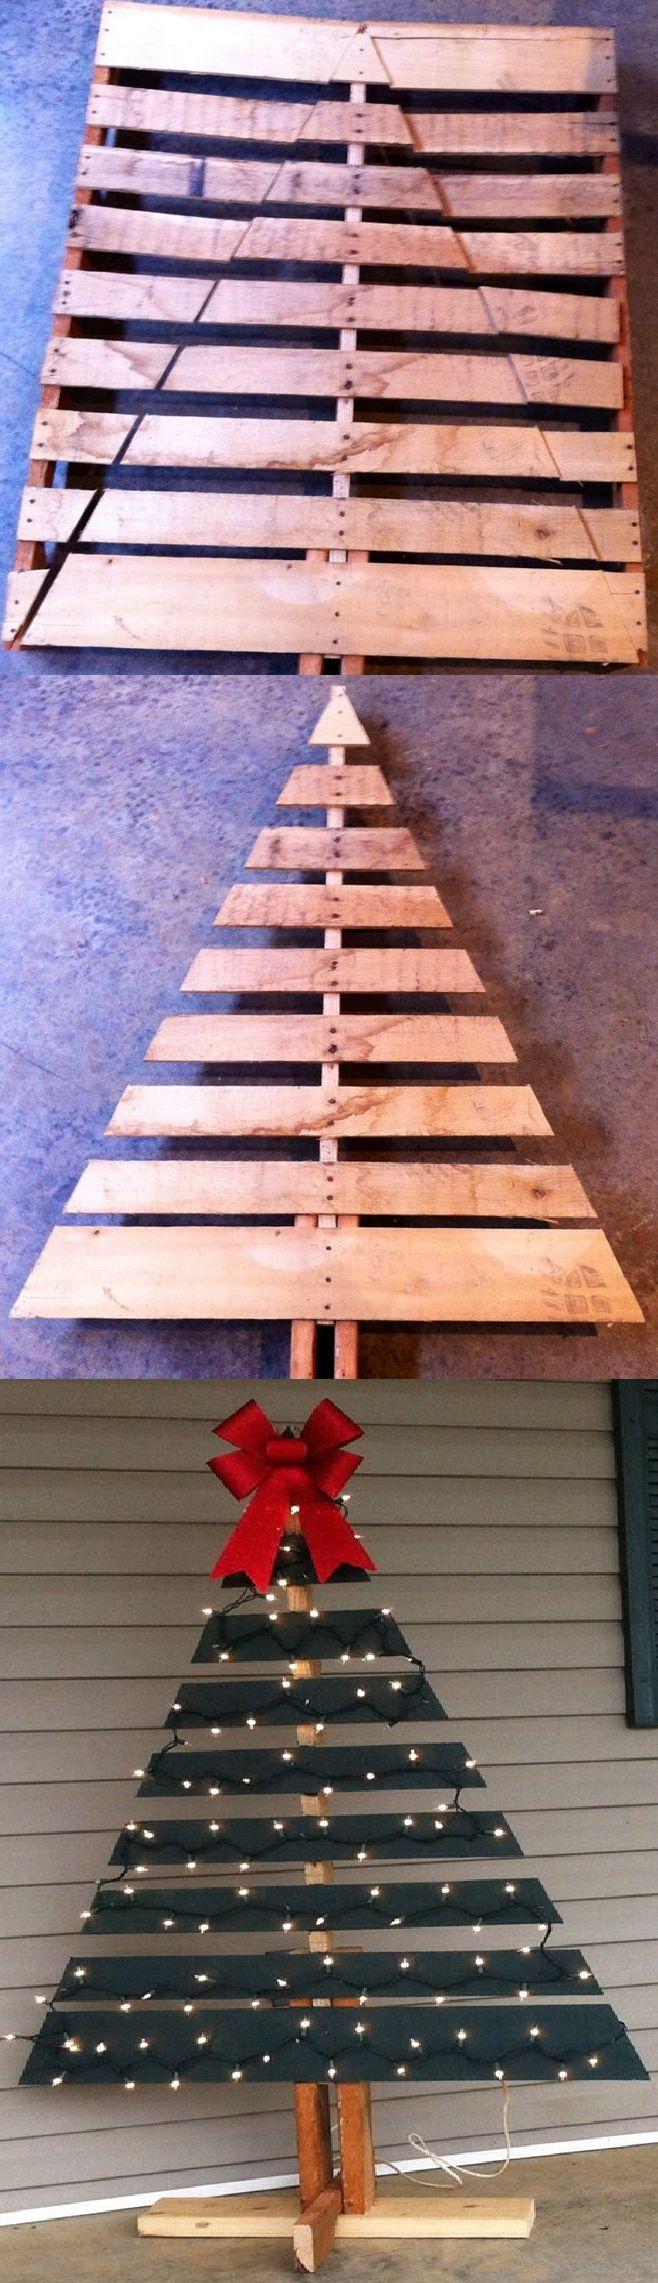 Arboles de navidad rústicos de madera